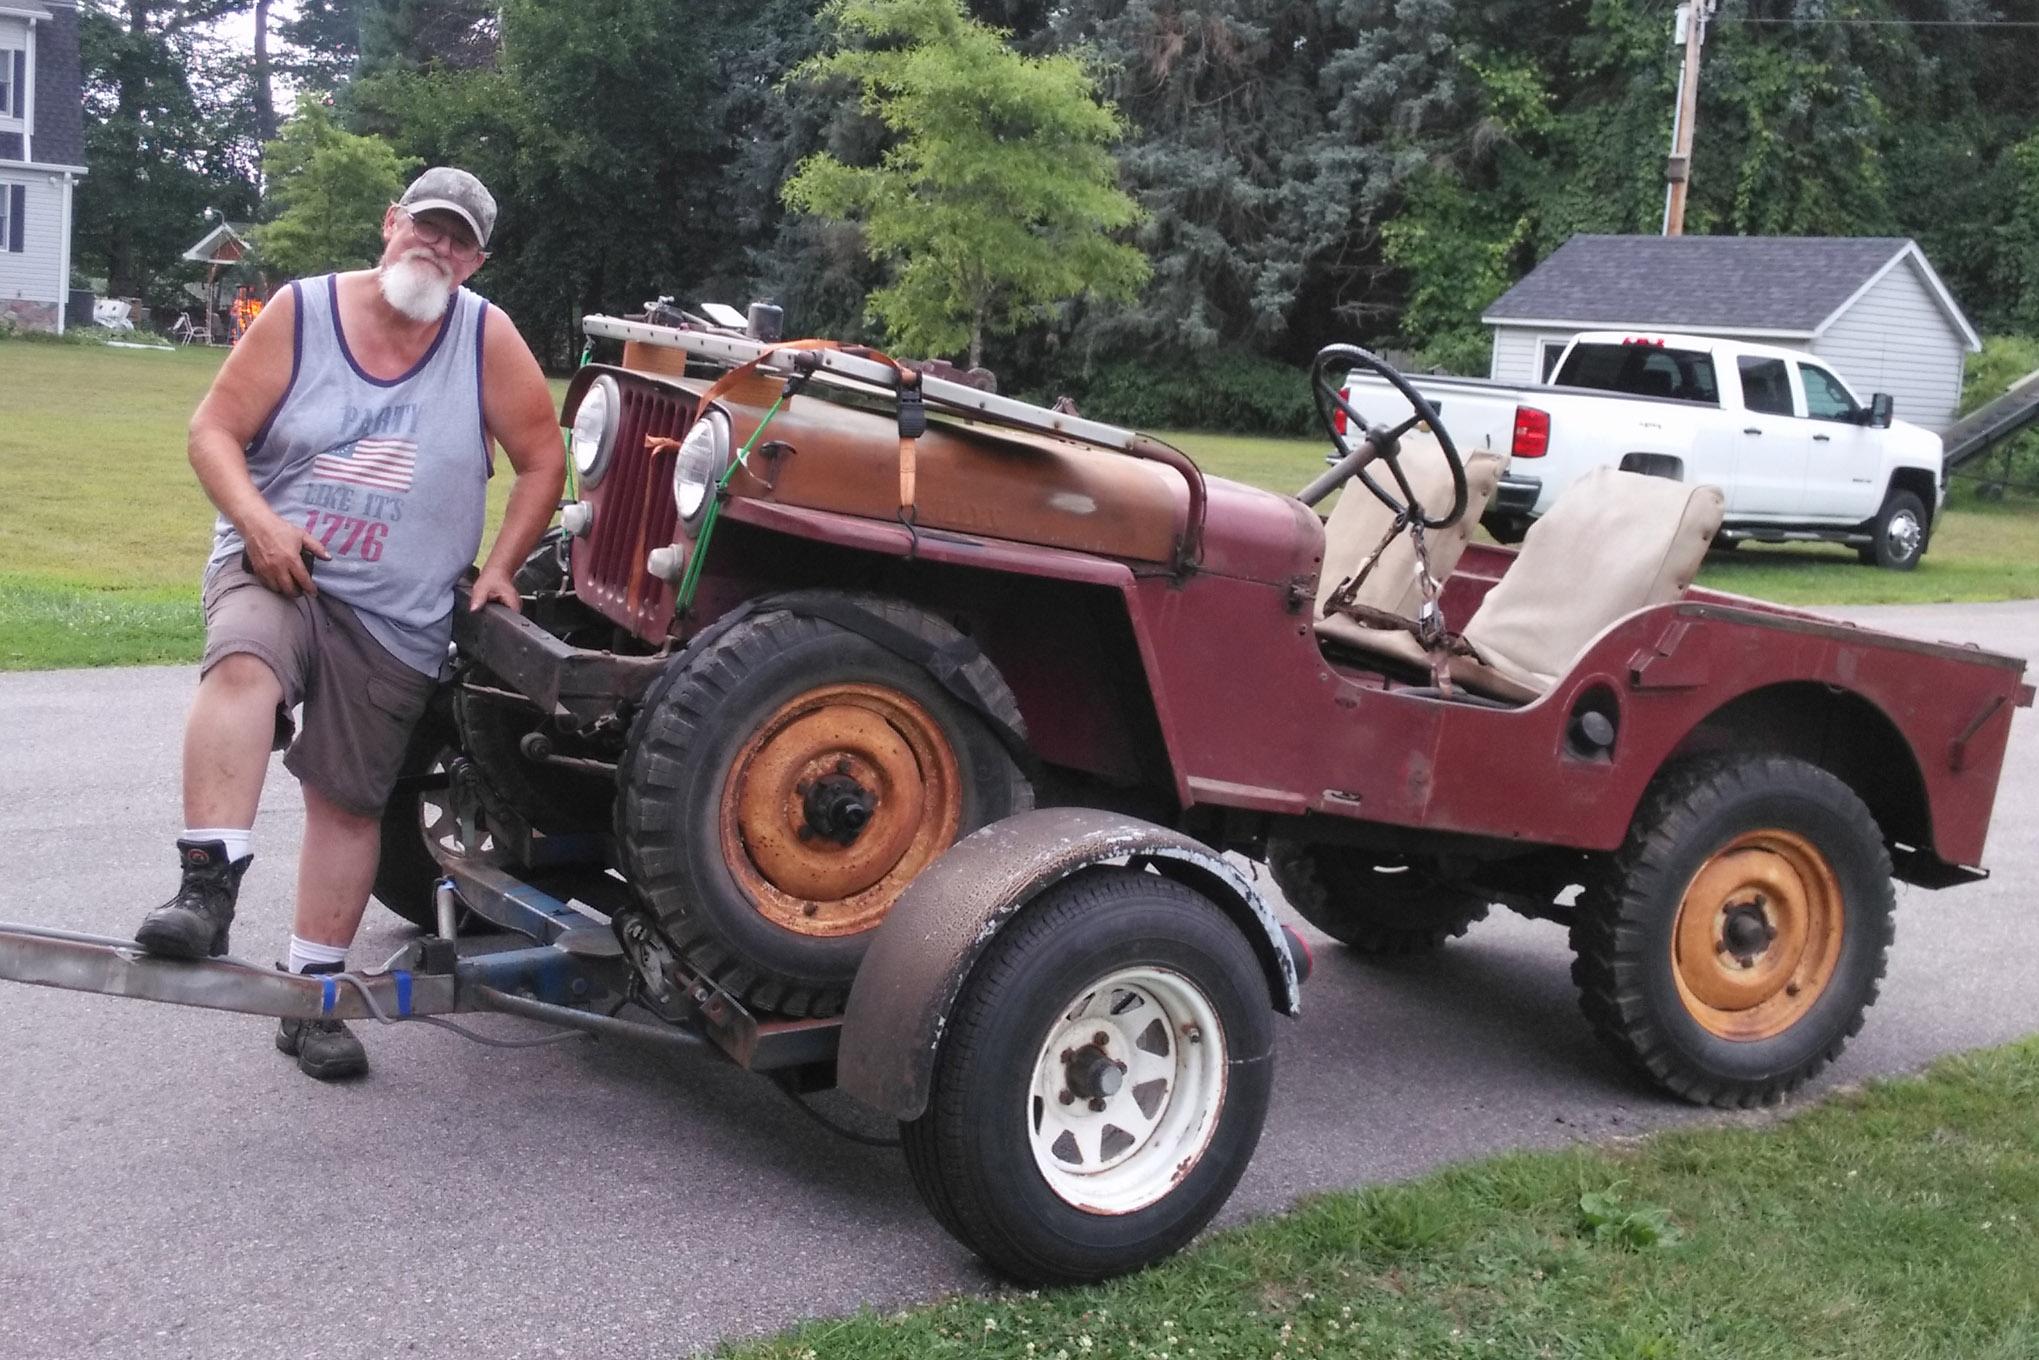 005 jeep shots malin cj2a